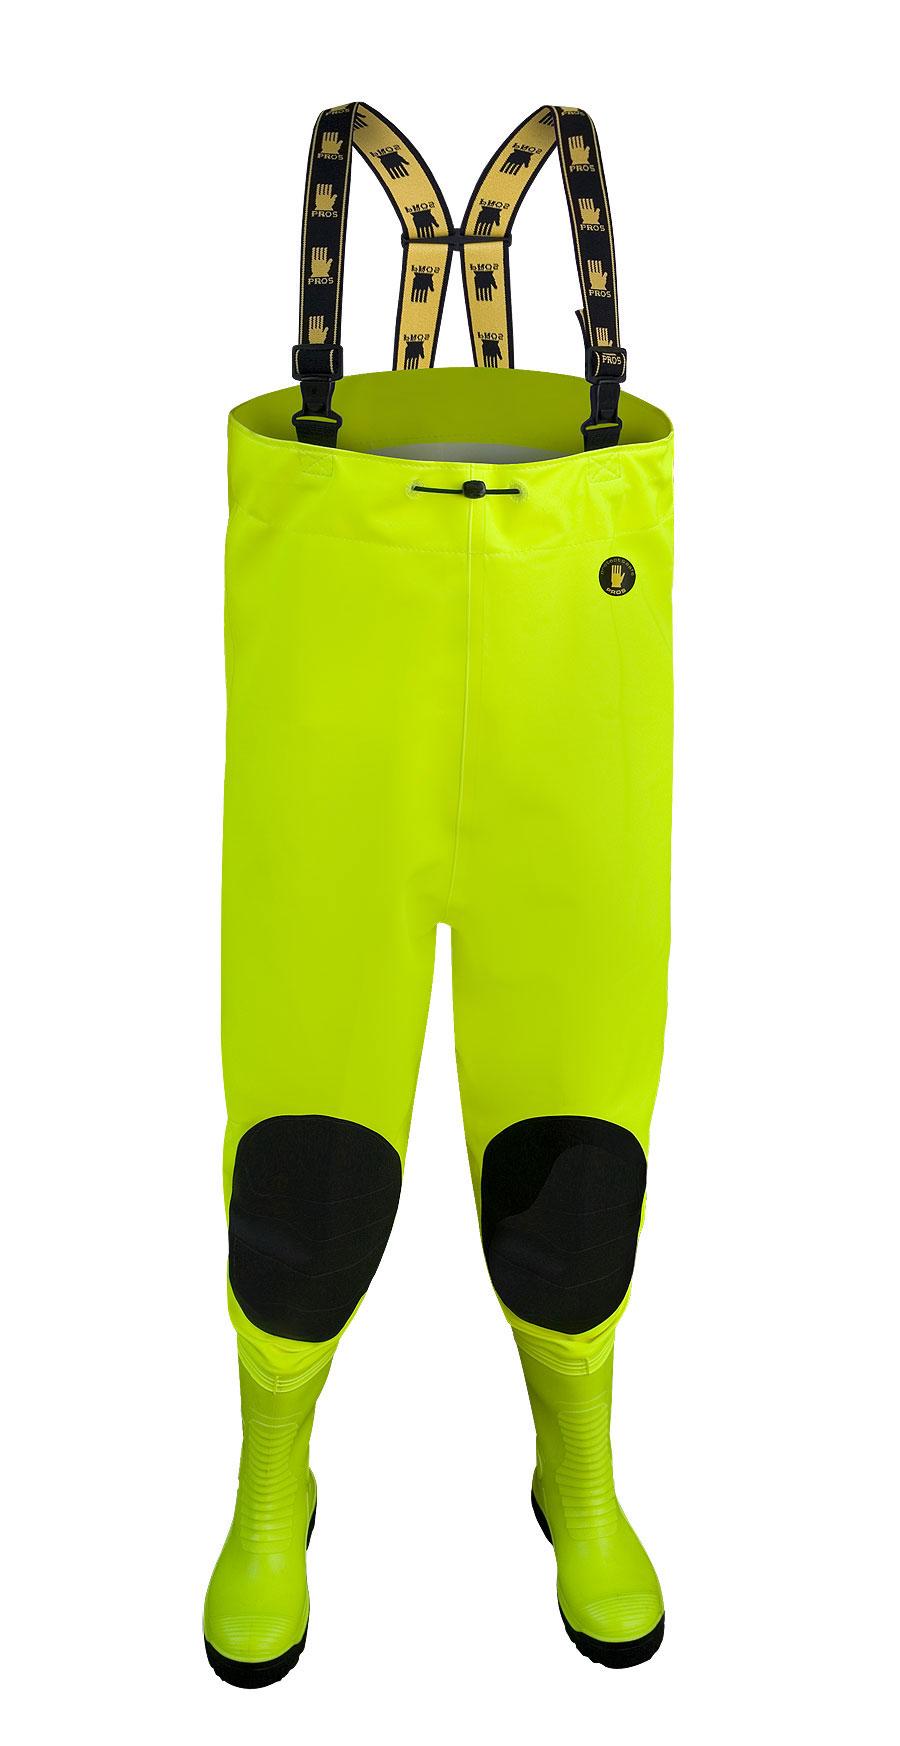 Brodící kalhoty MAX Fluo žluté vel.43    SBM01 Fluo žl.  PROS